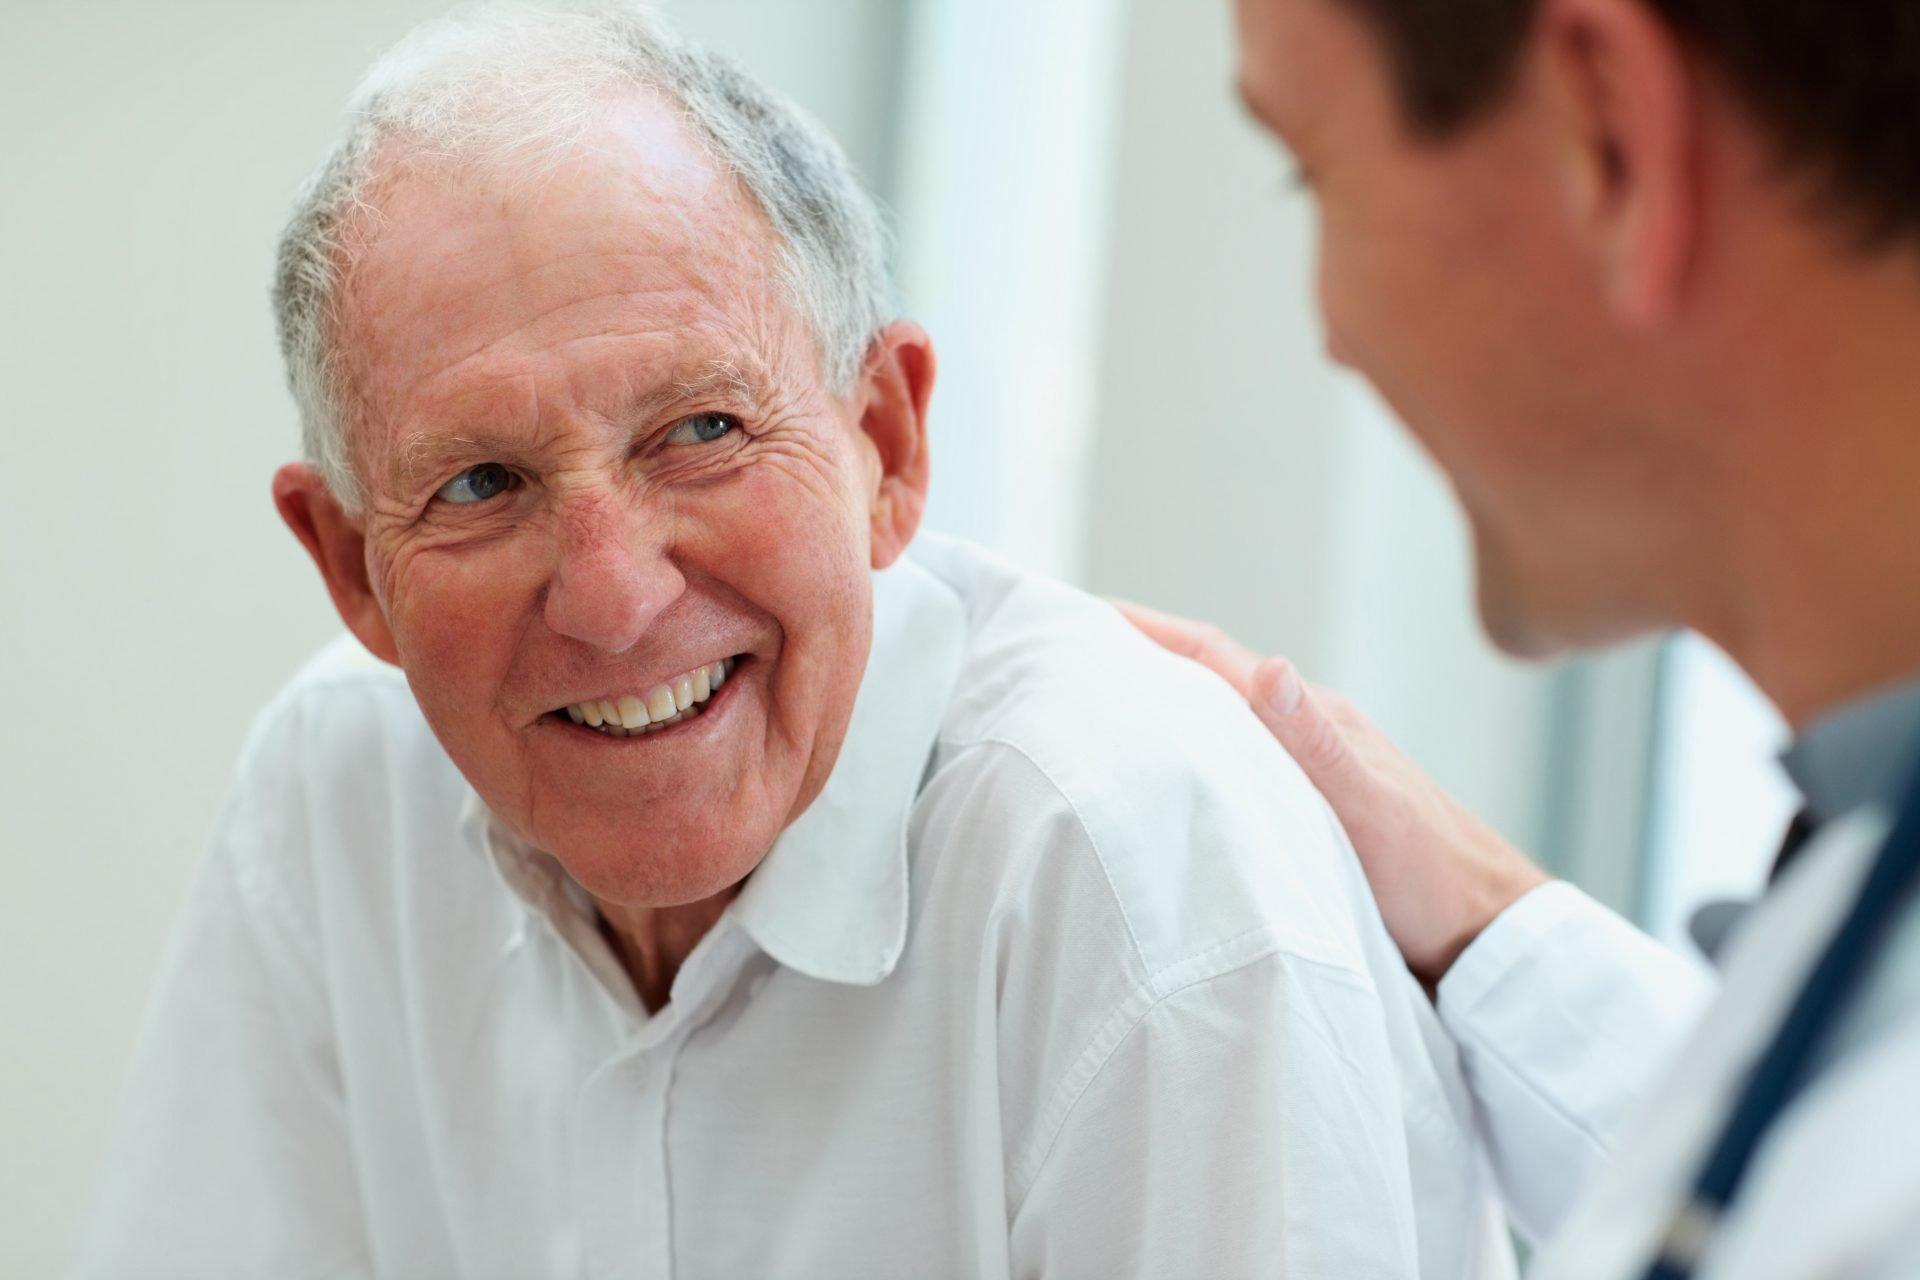 Нормальное питание в 70 лет – залог здоровья